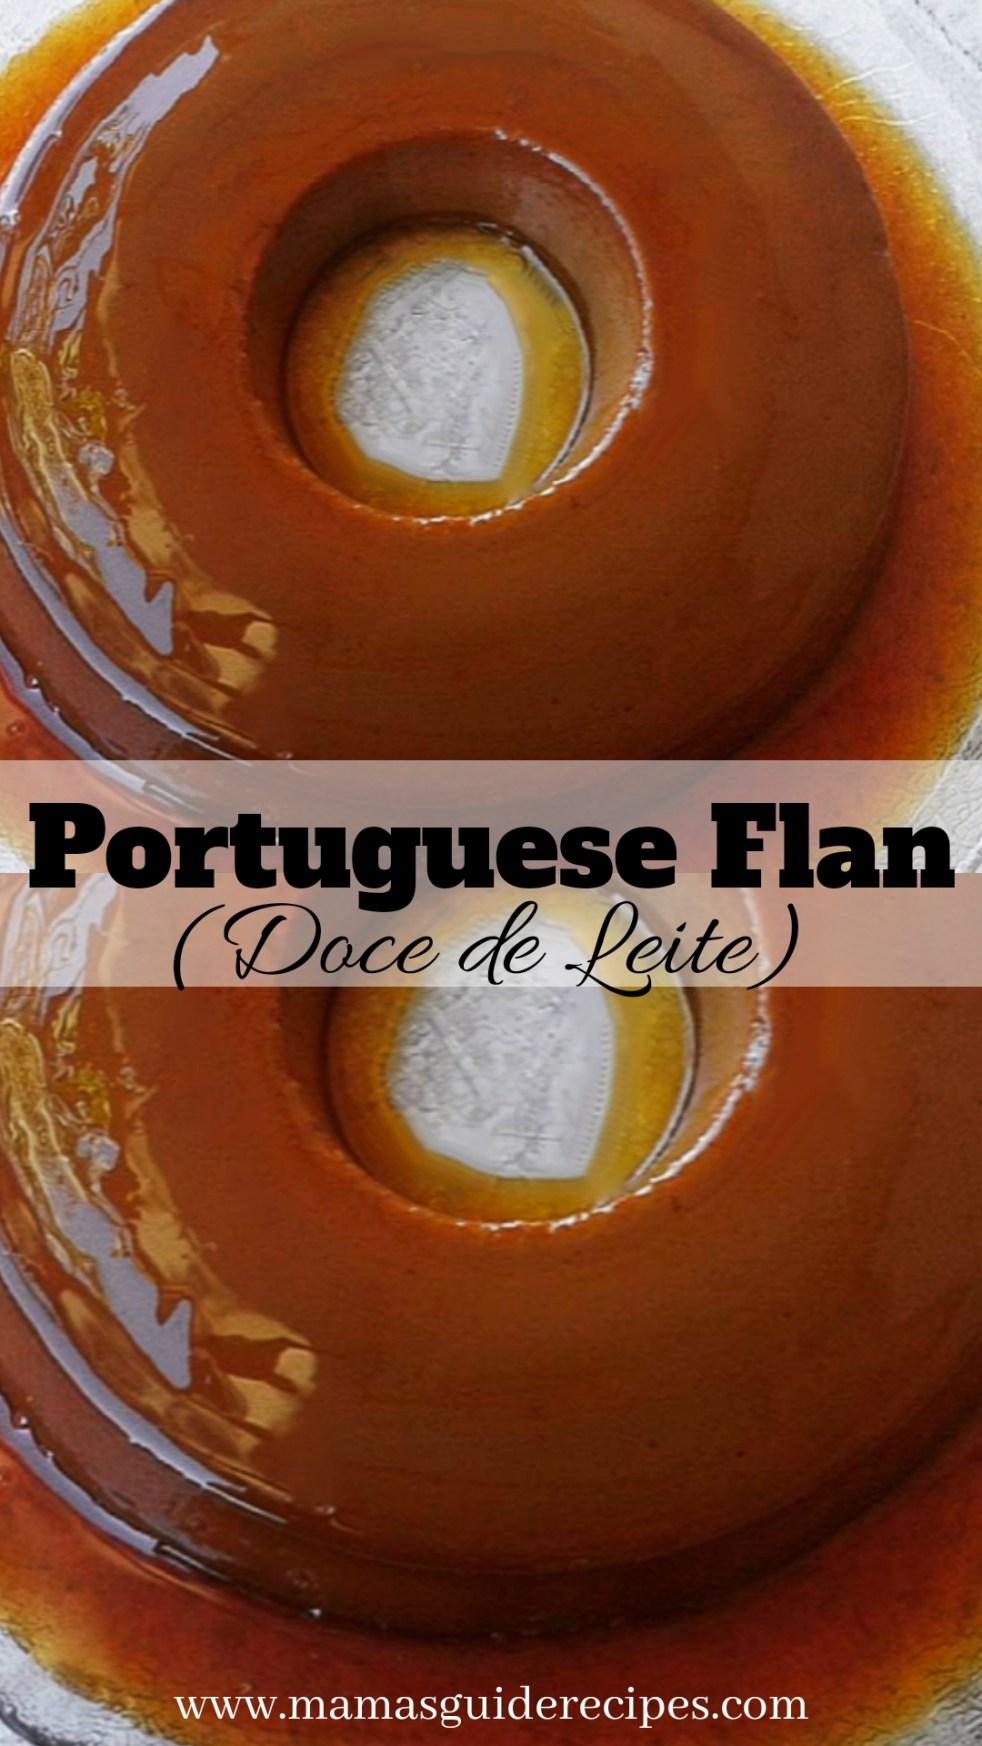 PORTUGUESE FLAN